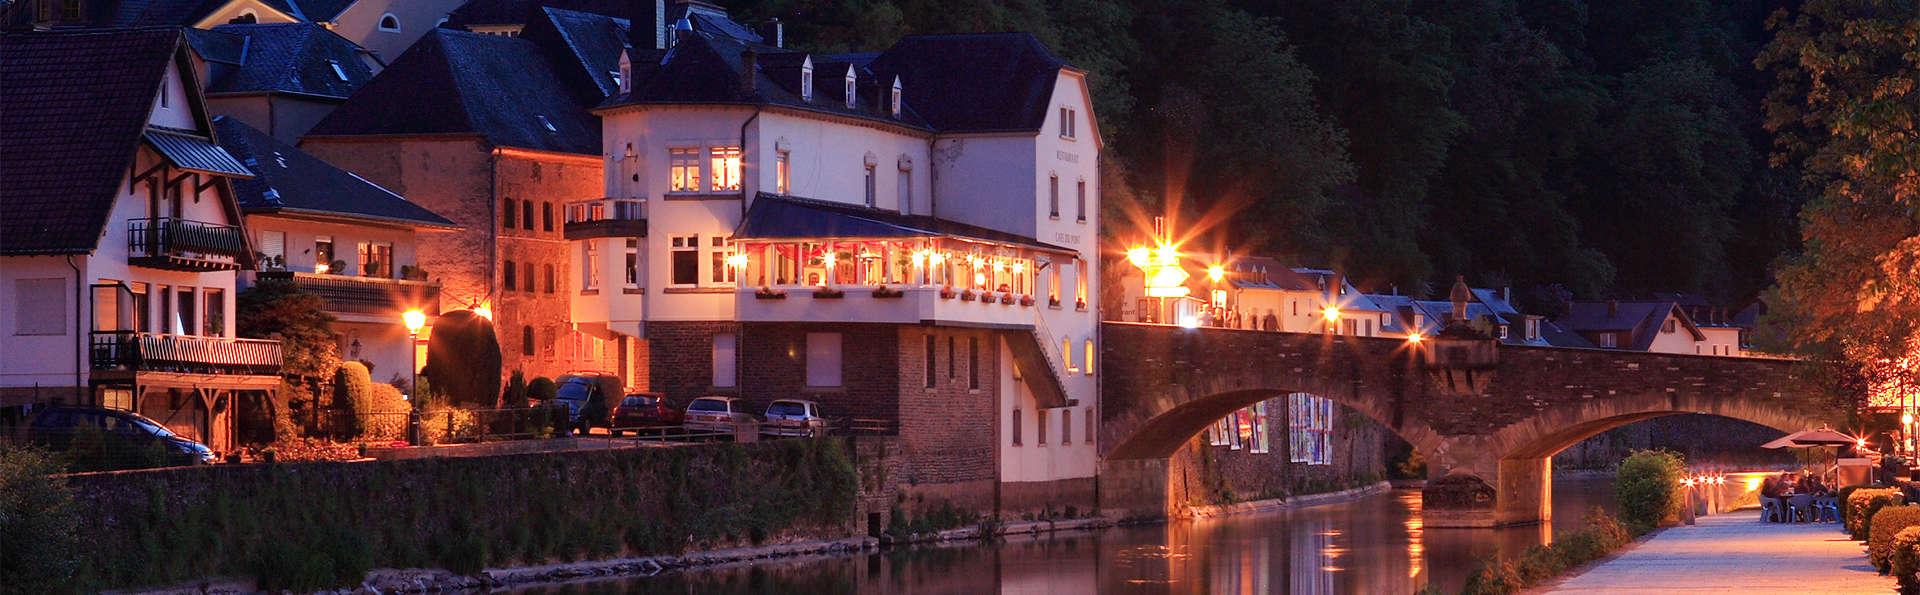 Parenthèse romantique dans la magnifique ville de Vianden